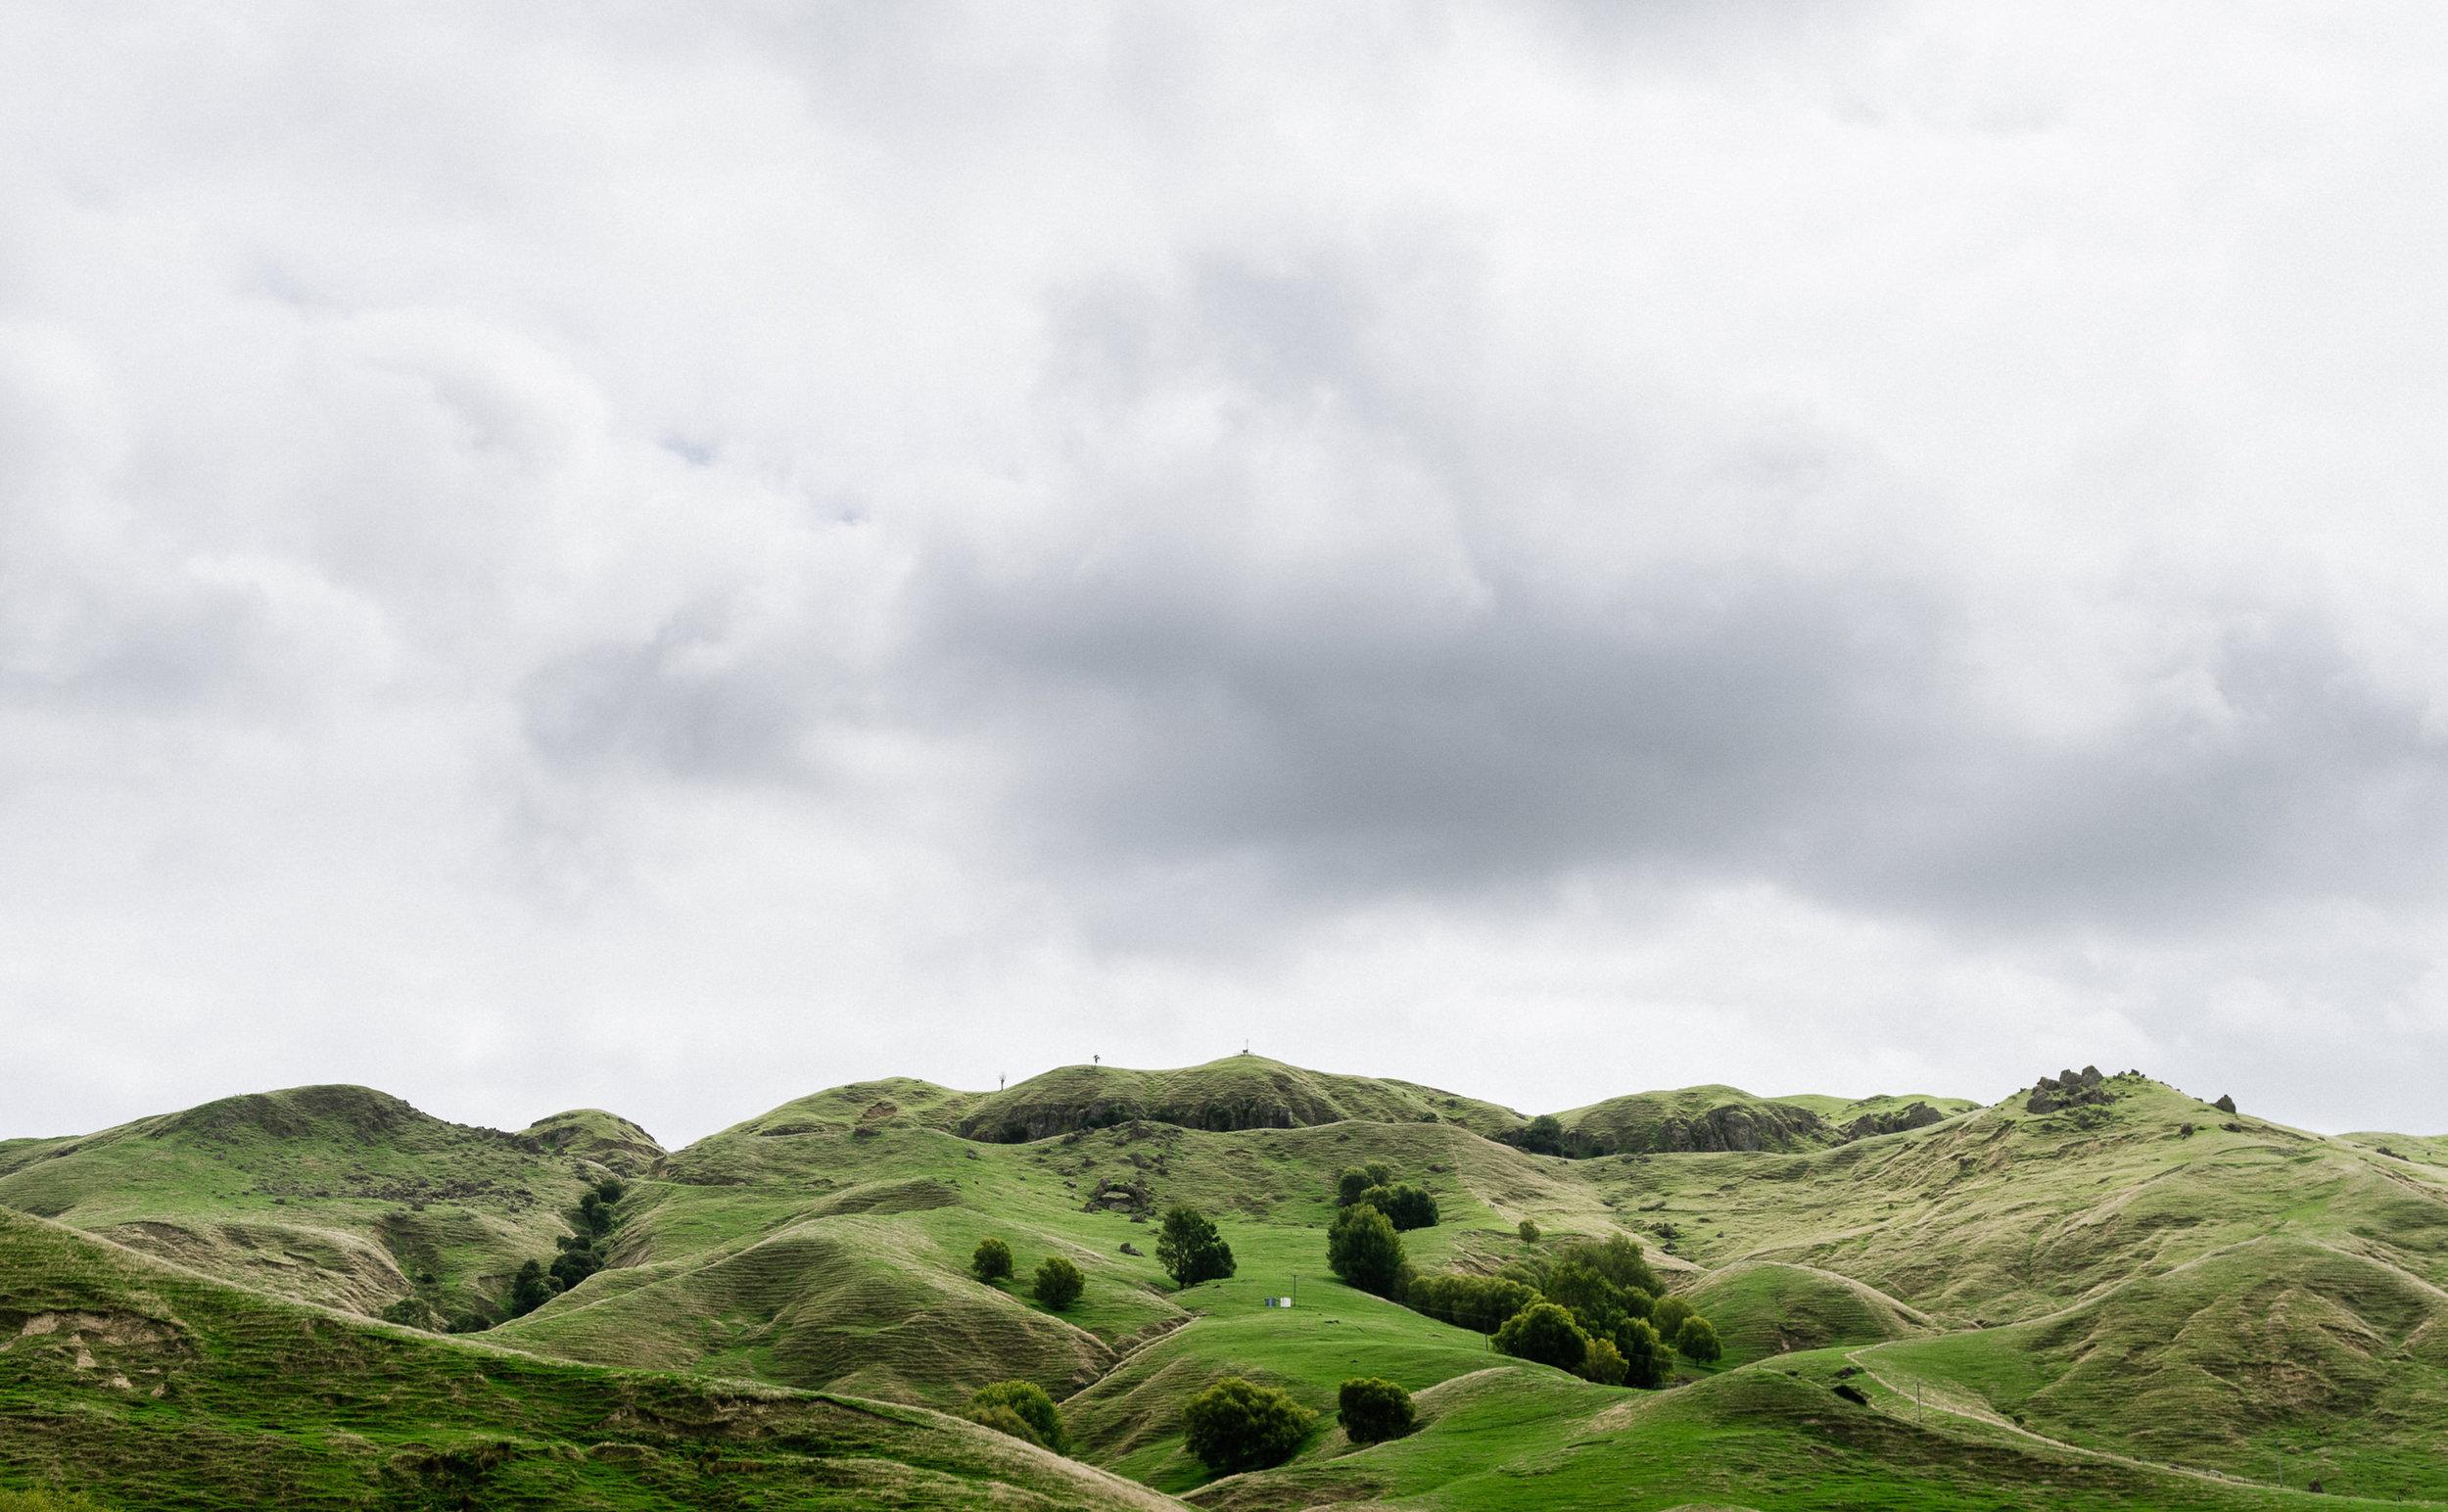 Al-Brown-Eat-Up-NZ-Cookbook-Josh-Griggs-Photographer-Splits-6.jpg